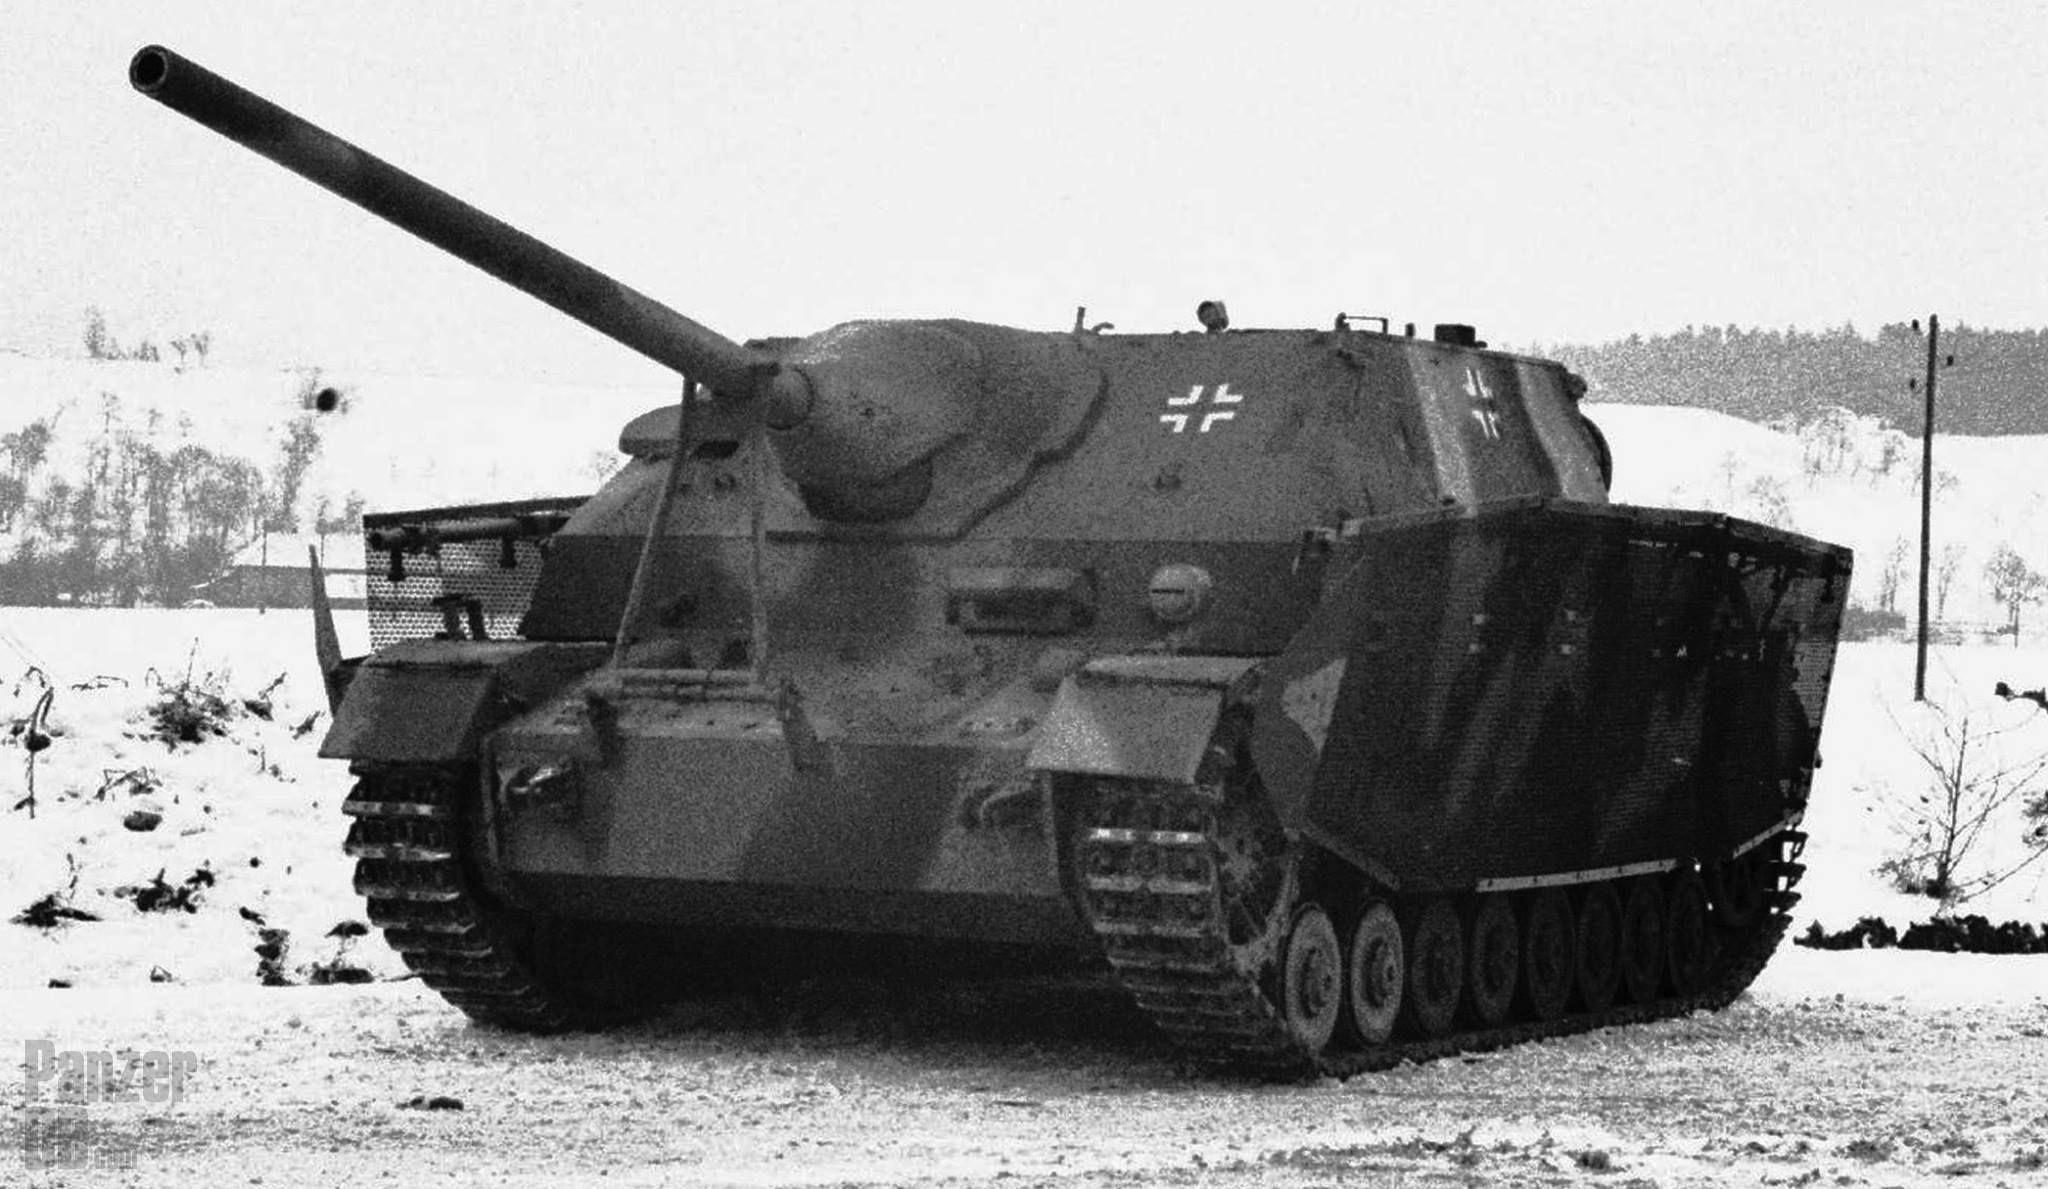 Jagdpanzer IV/70 (A) mit Schürzen Drahtgeflecht (Sd.Kfz. 162/1 ...